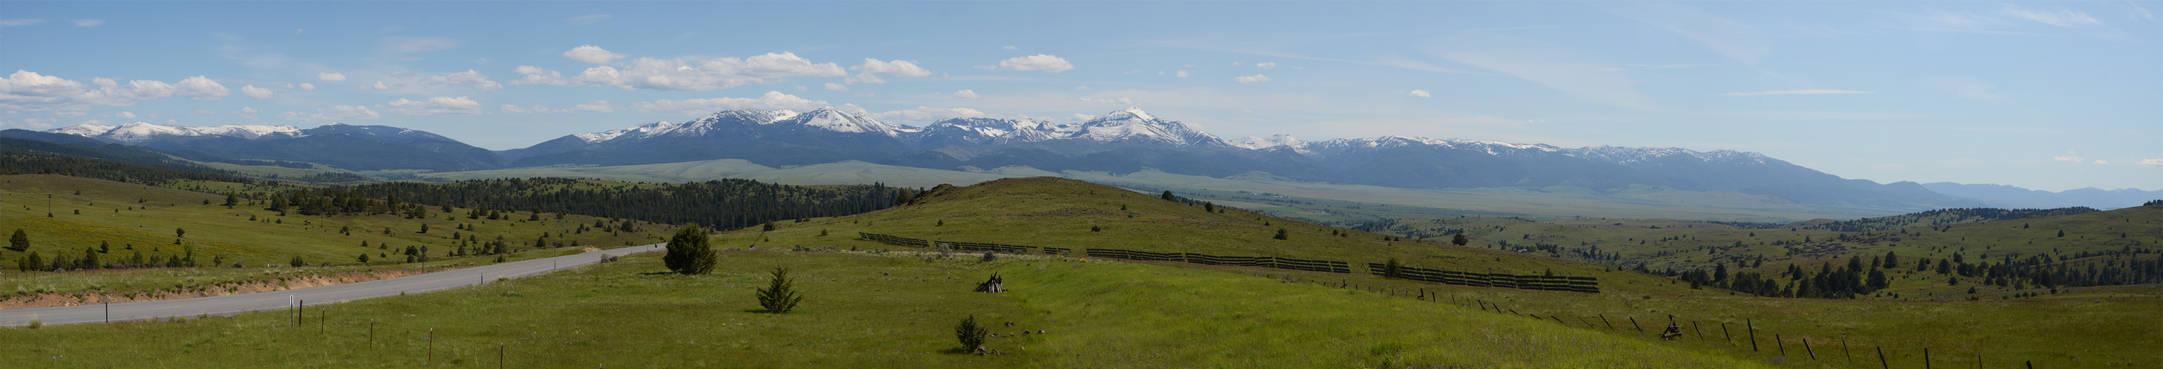 Strawberry Mountain 2011-06-17